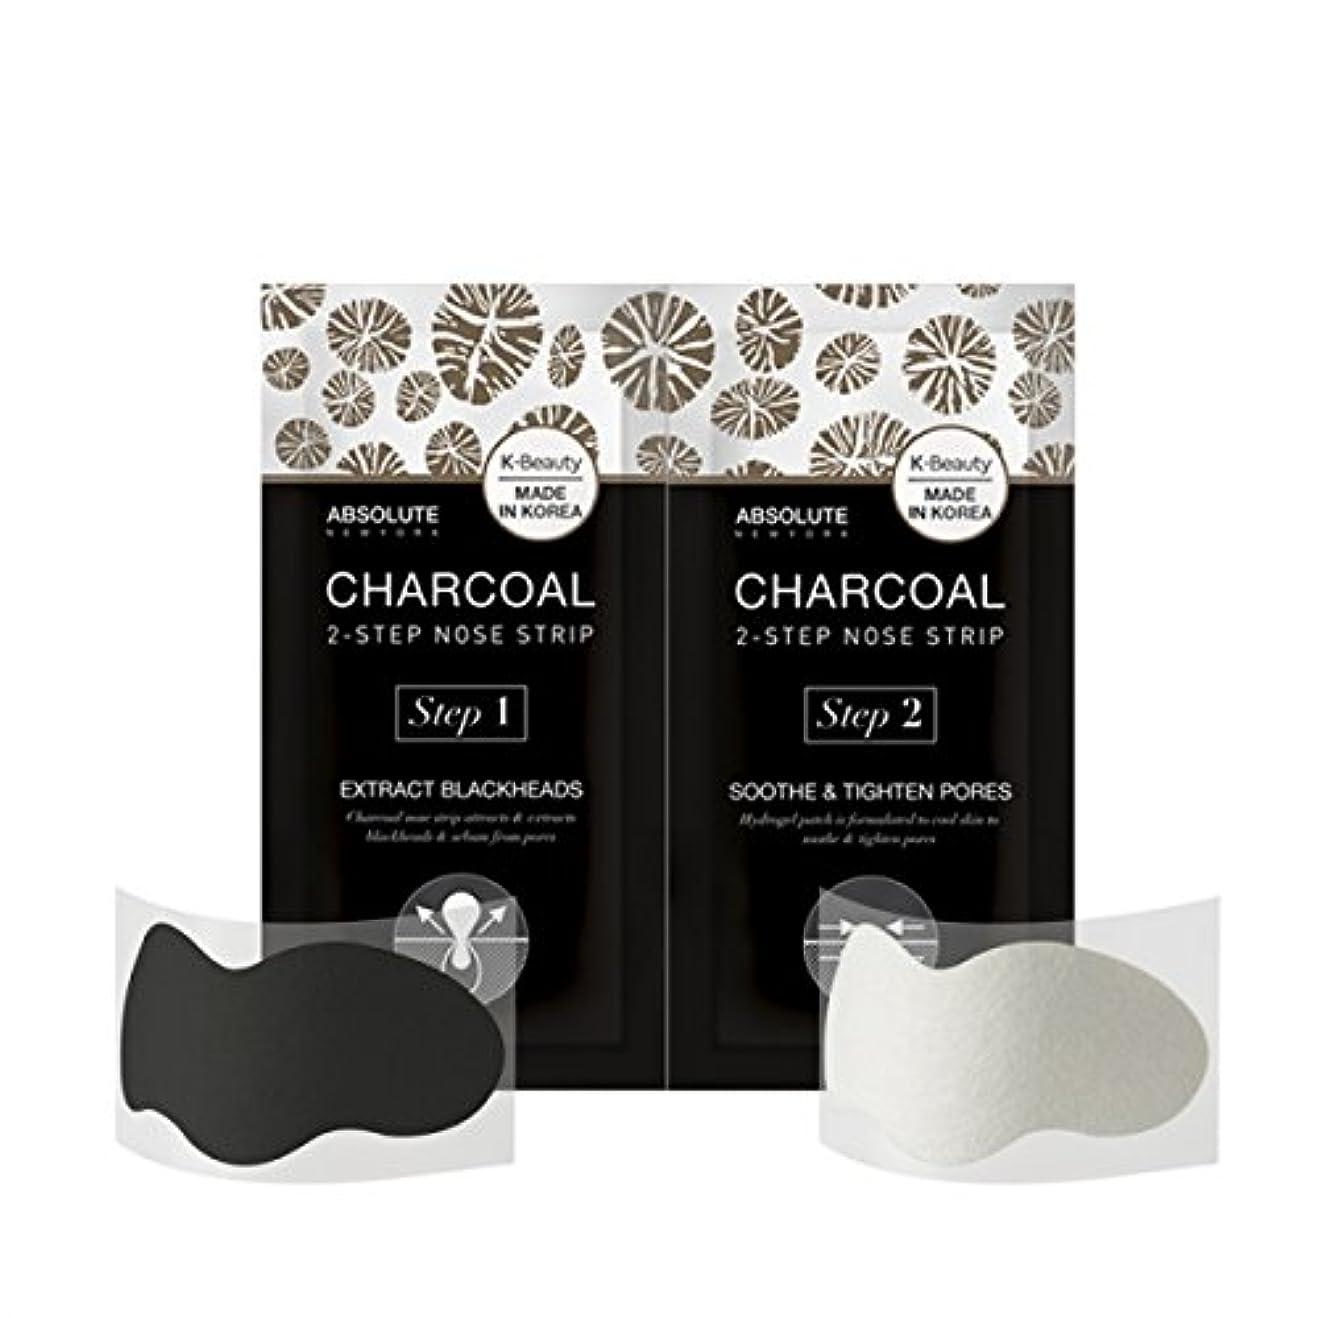 リンスする出力(3 Pack) ABSOLUTE Charcoal 2-Step Nose Strip (並行輸入品)